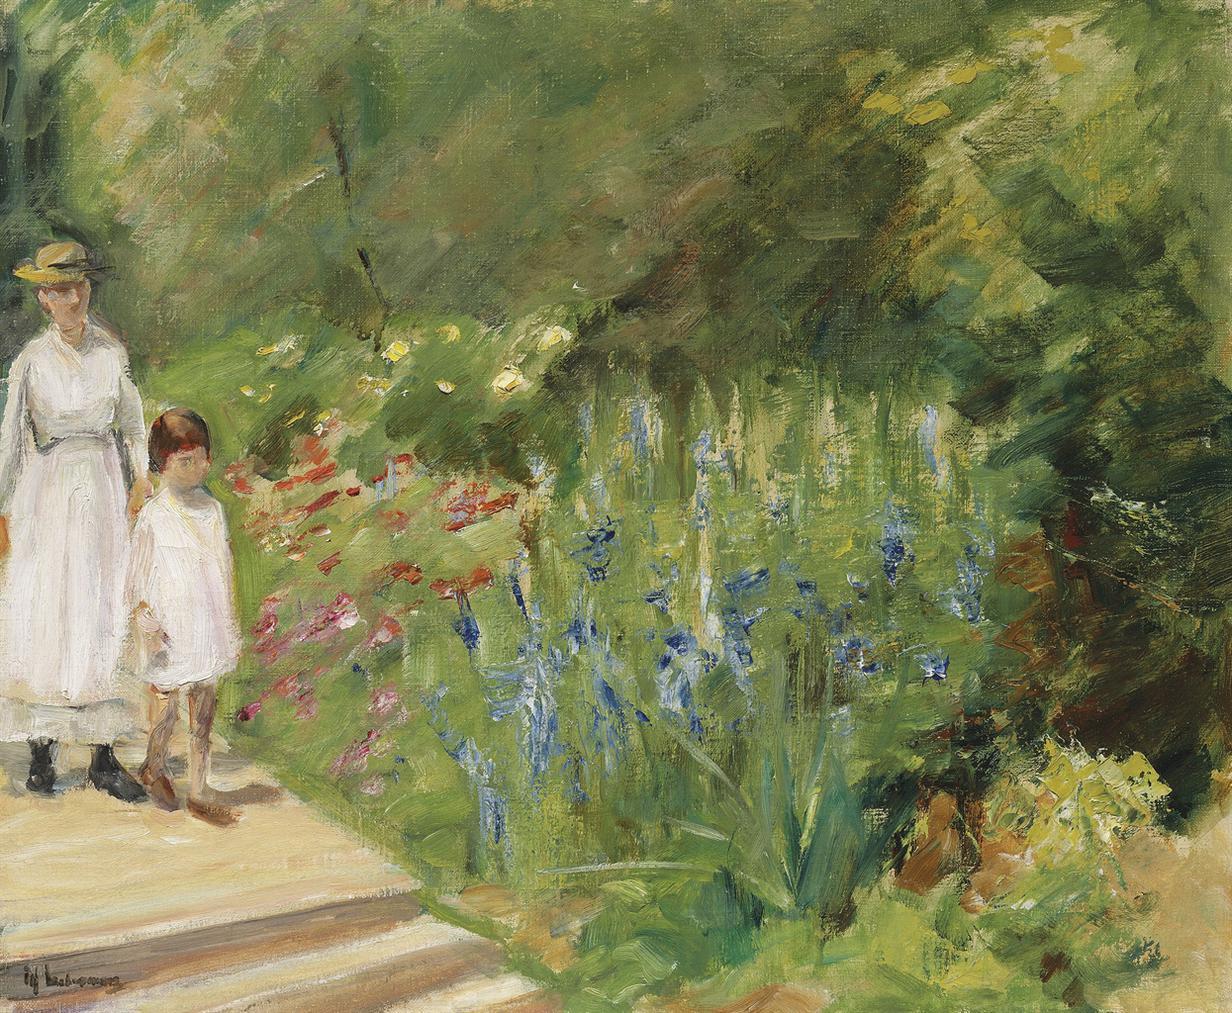 Max Liebermann-Enkelin Und Kinderfrau Im Nutzgarten-1923